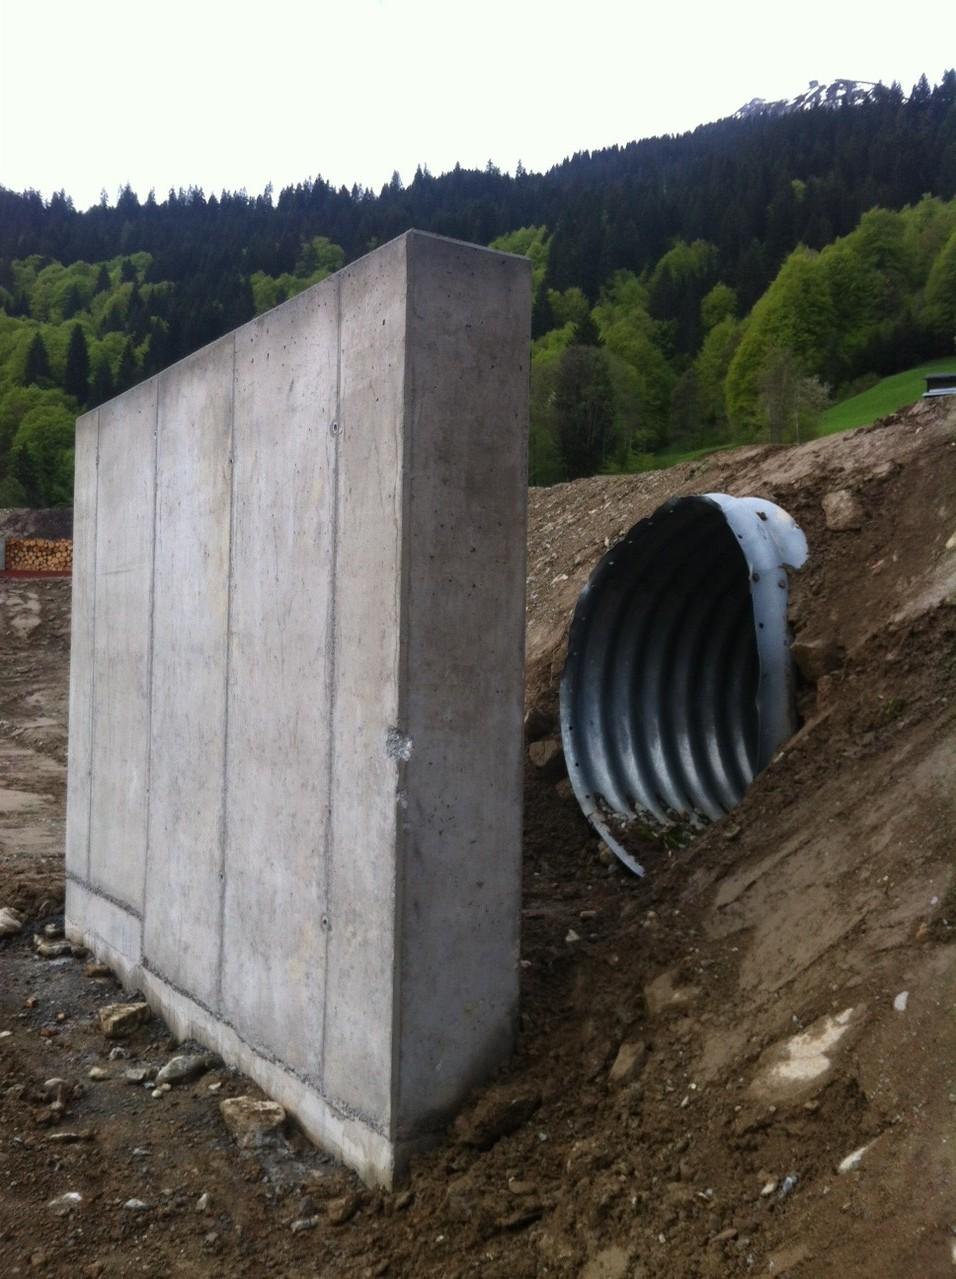 Durch die Betonmauer und den geschützten Zugang durchs Rohr kann der Rollhasen ohne Unterbruch der Trainings- oder Jagdschiessen mit Tonhasen bestückt werden.